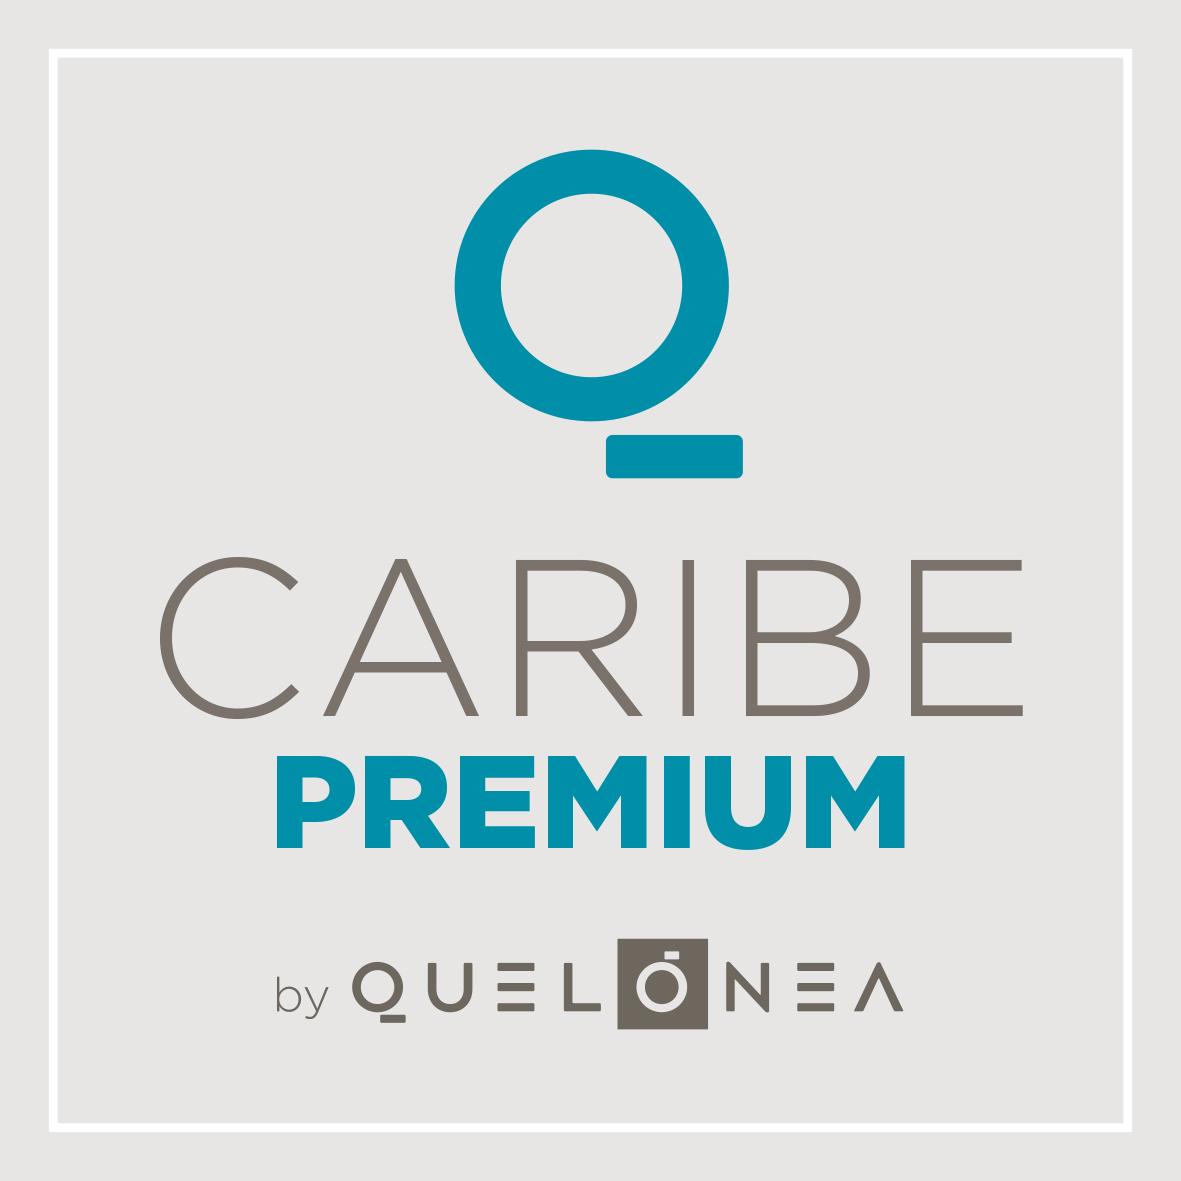 Estancias en Jamaica (Caribe Premium)